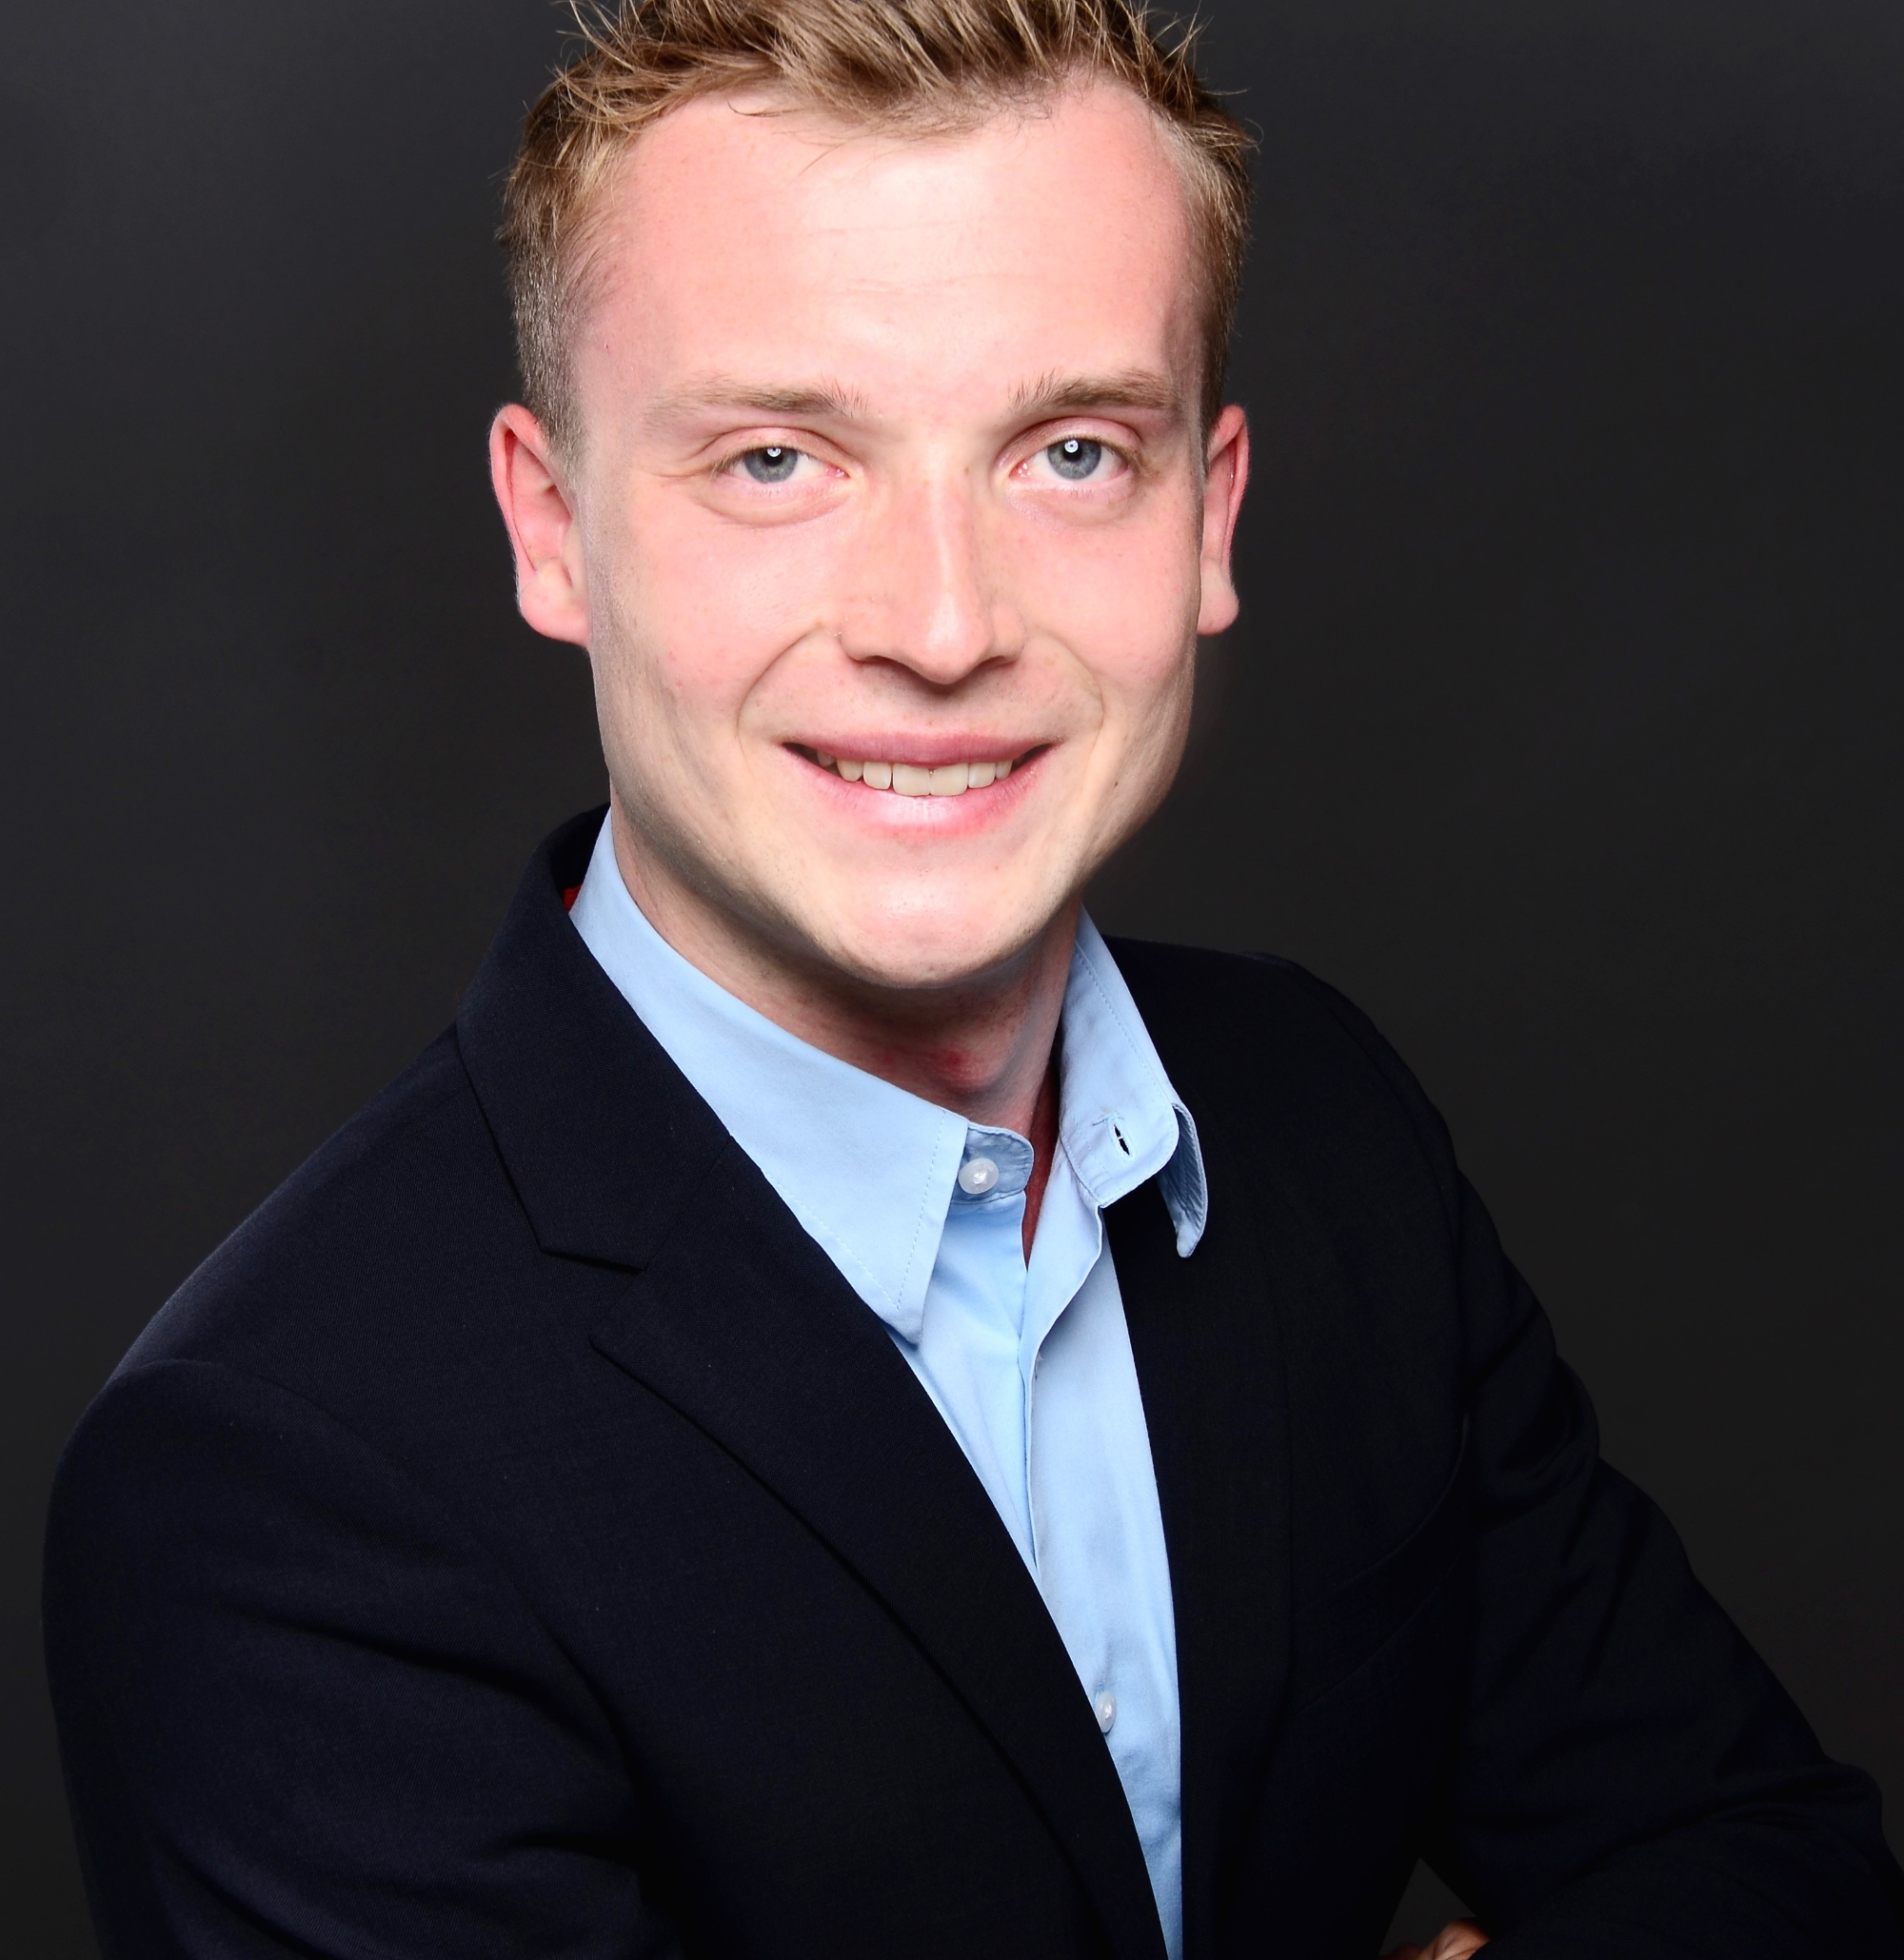 Herr Marco Weippert, B.A.